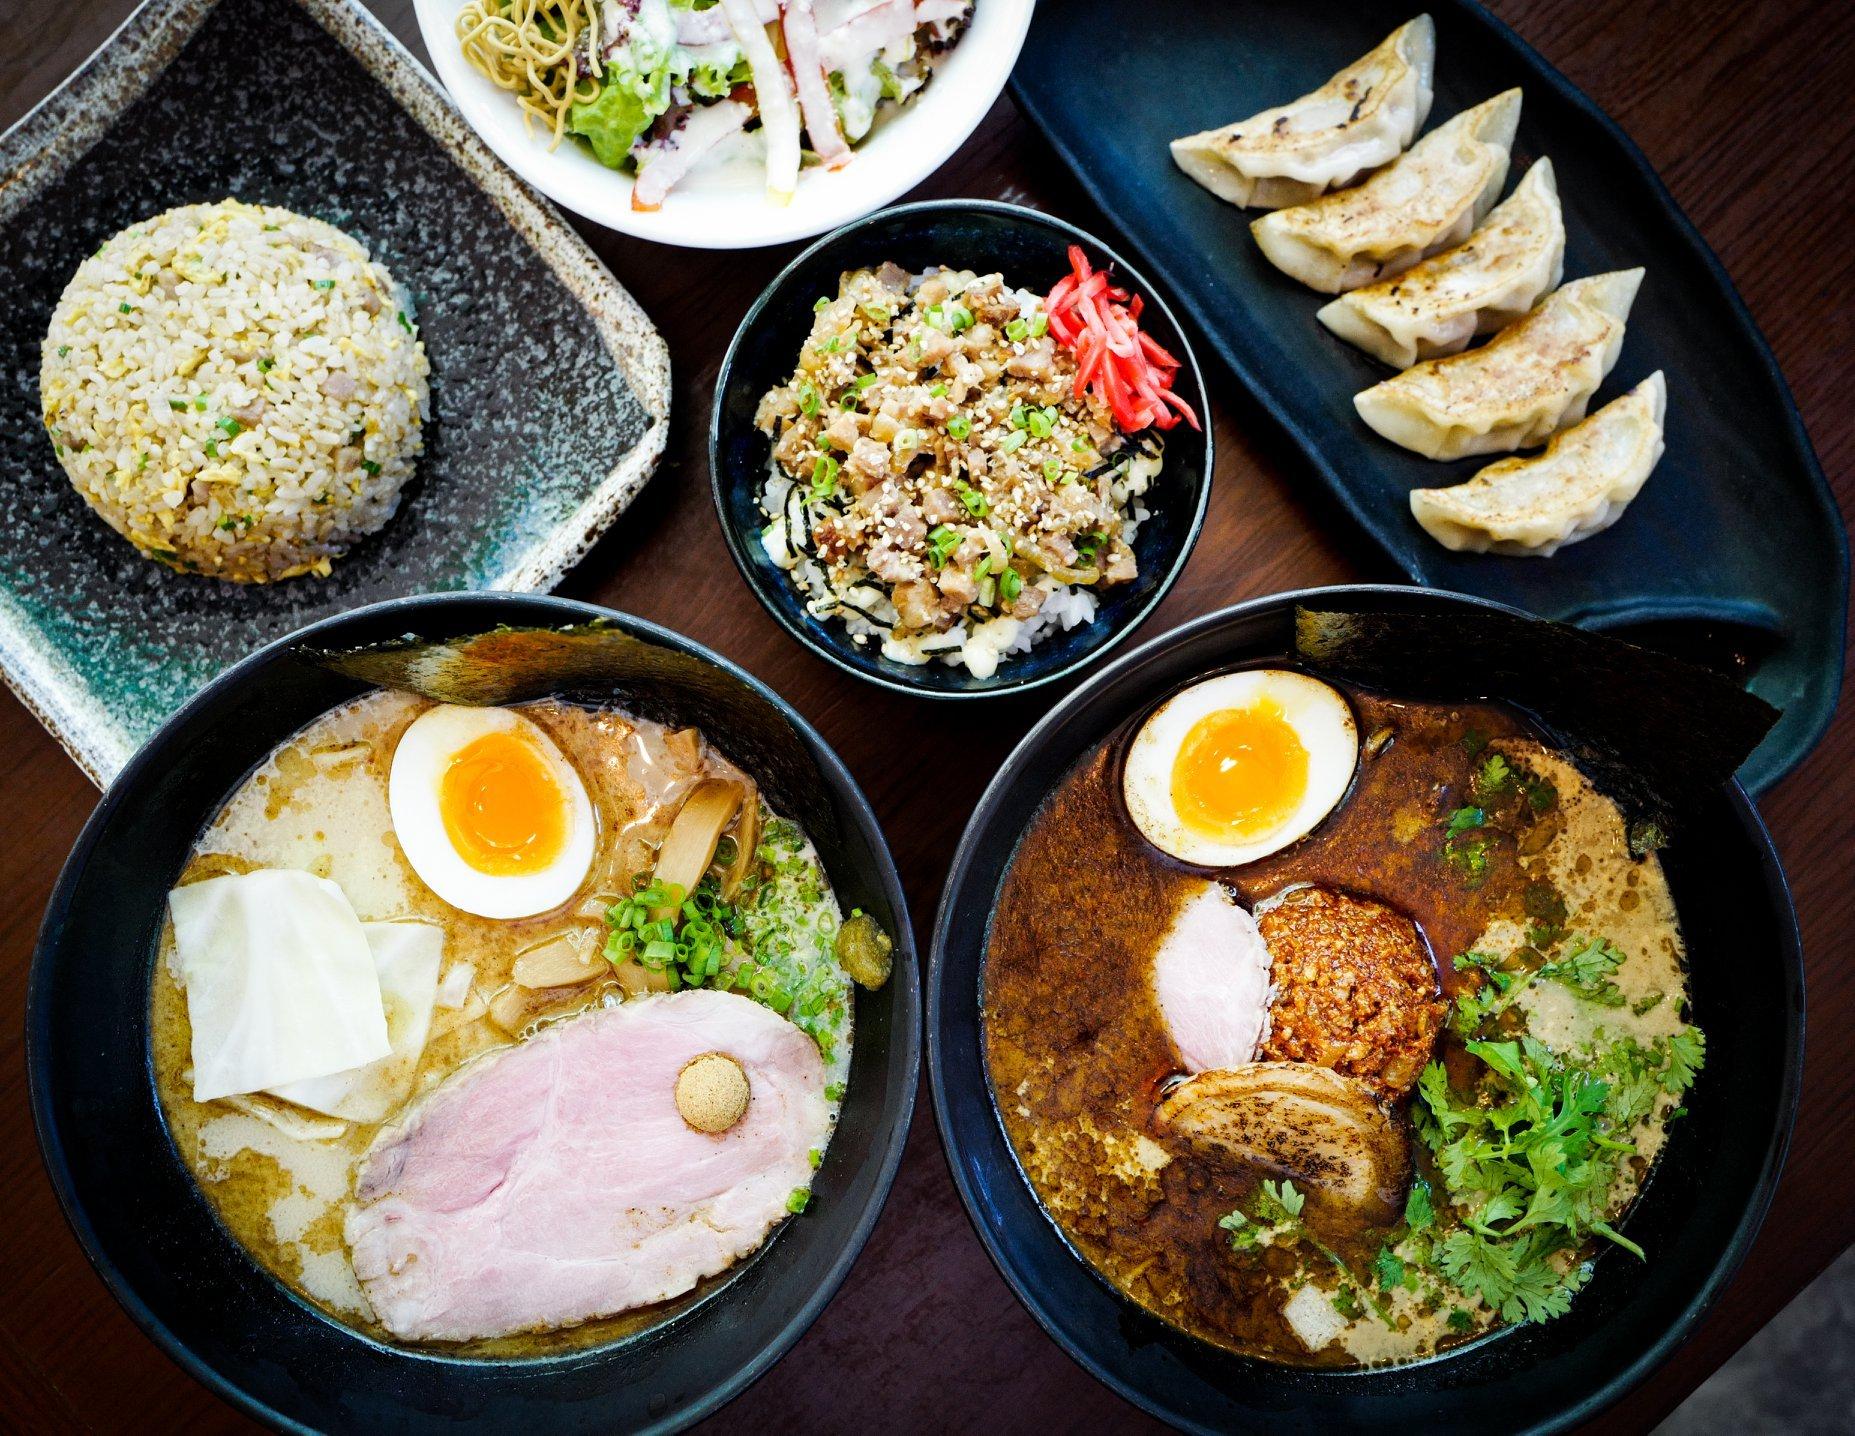 IPPUDO nhà hàng nhật quận 7 chuyên các món mỳ ramen